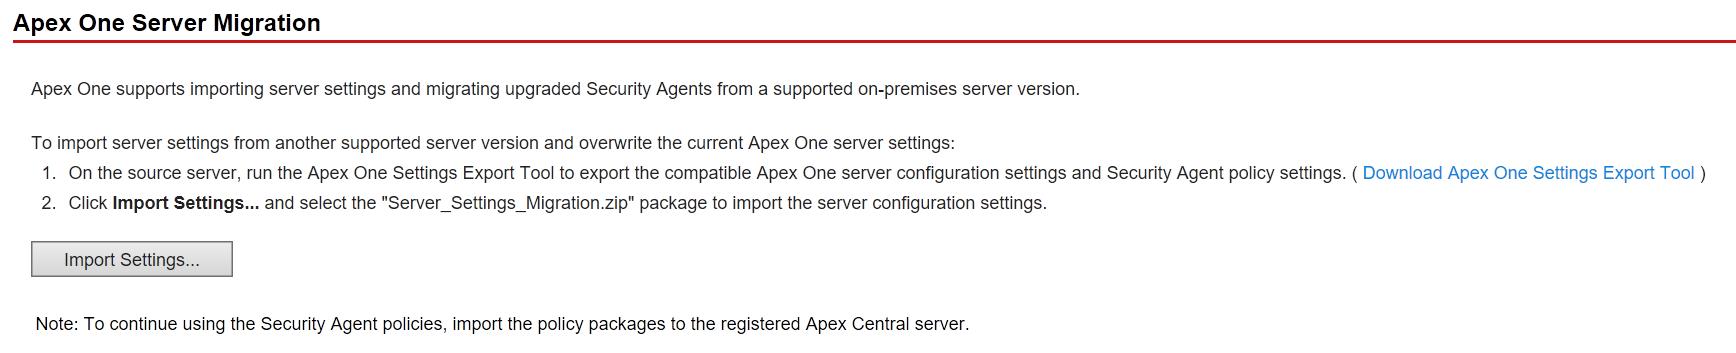 Server Migration